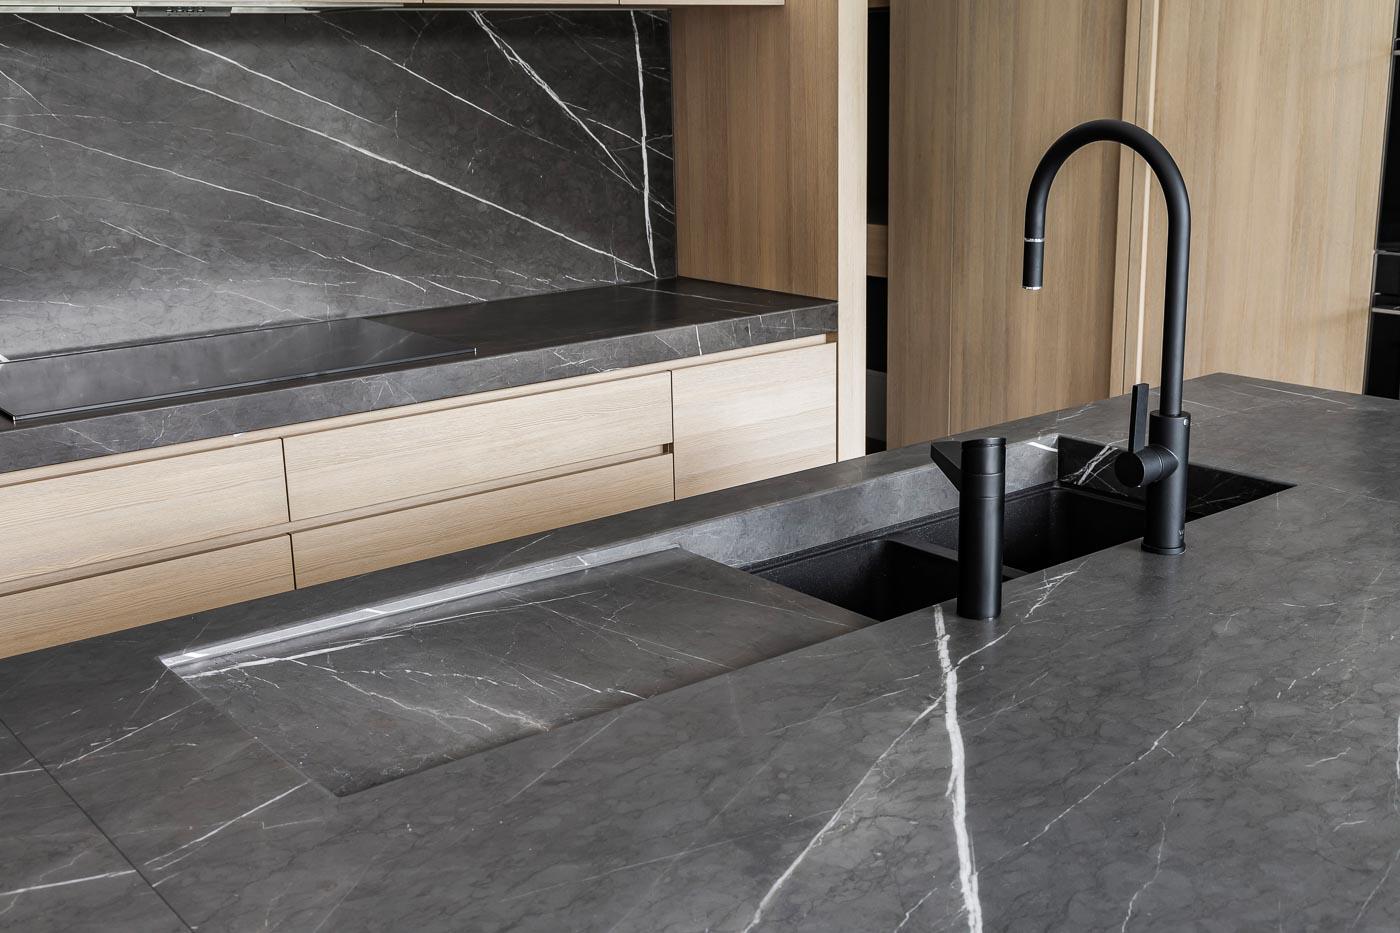 Keukens-stroo-berlare-keramische-werkbladen